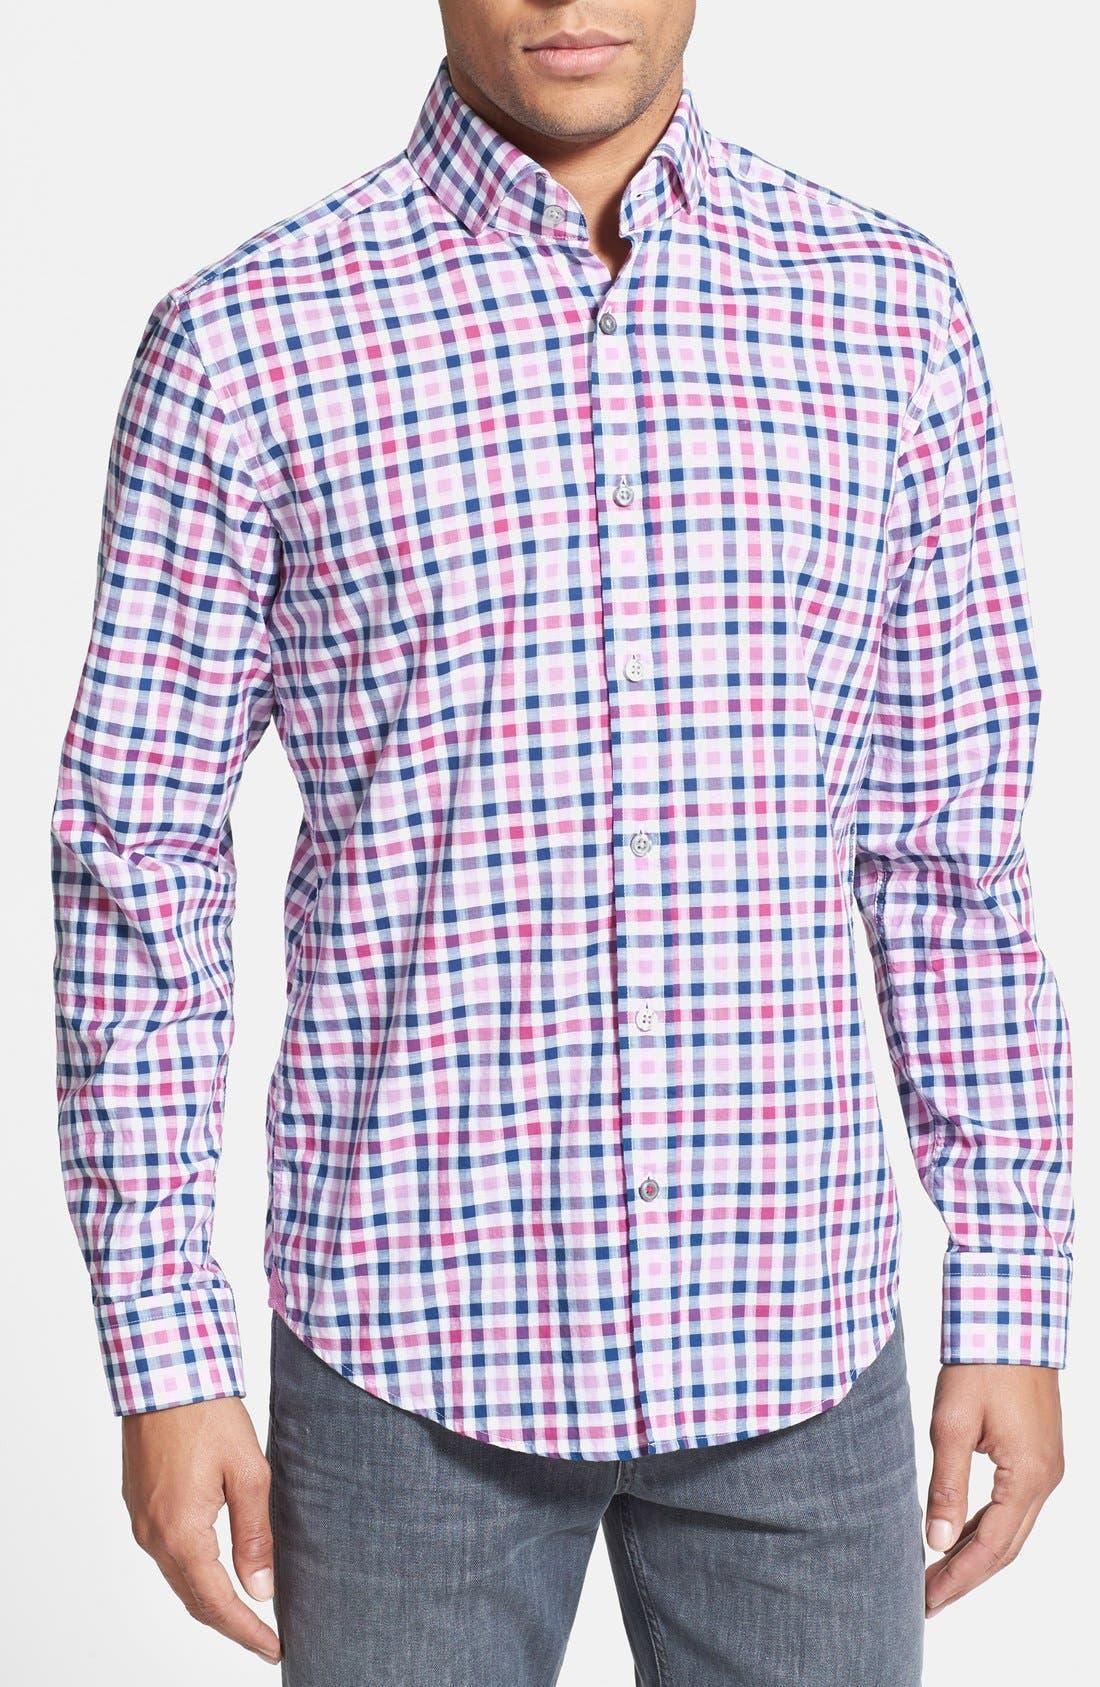 Alternate Image 1 Selected - BOSS HUGO BOSS 'Mason' Slim Fit Gingham Sport Shirt